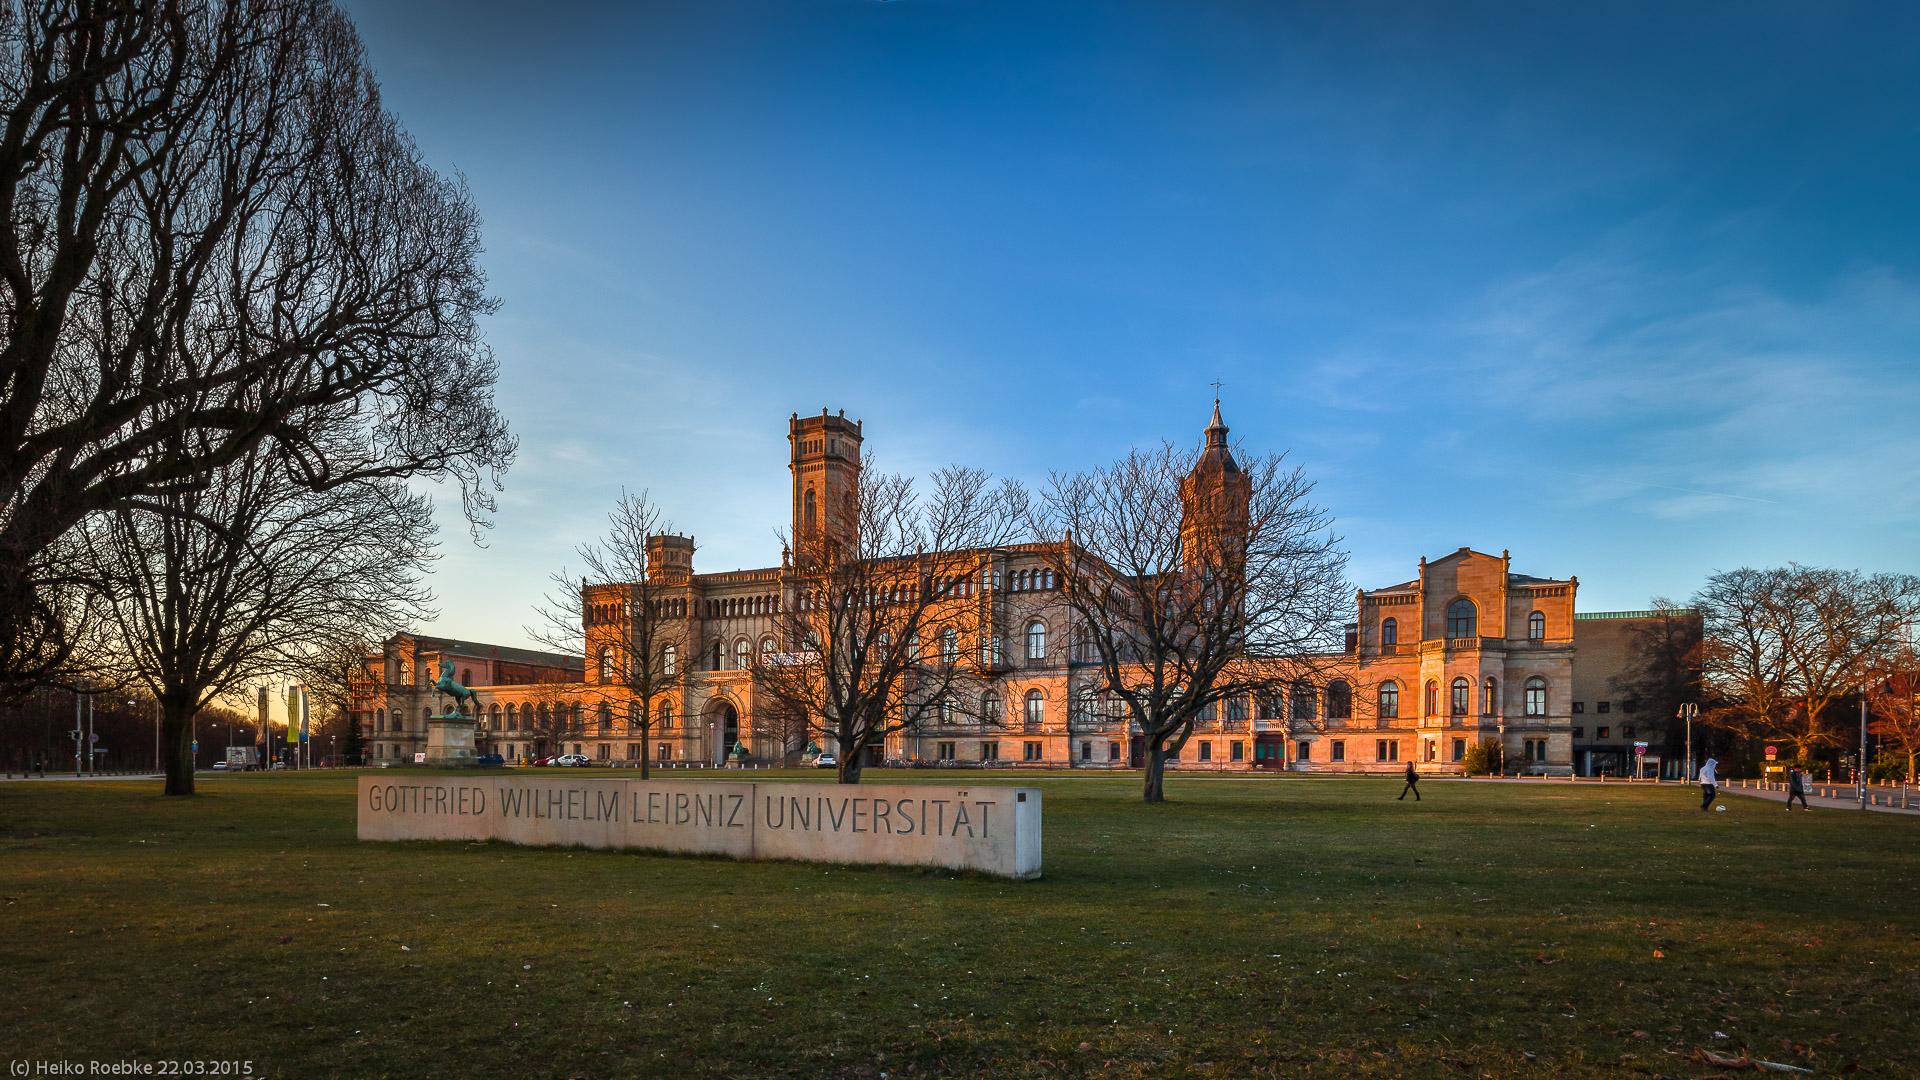 Gottfried-Wilhelm-Leipniz-Universität